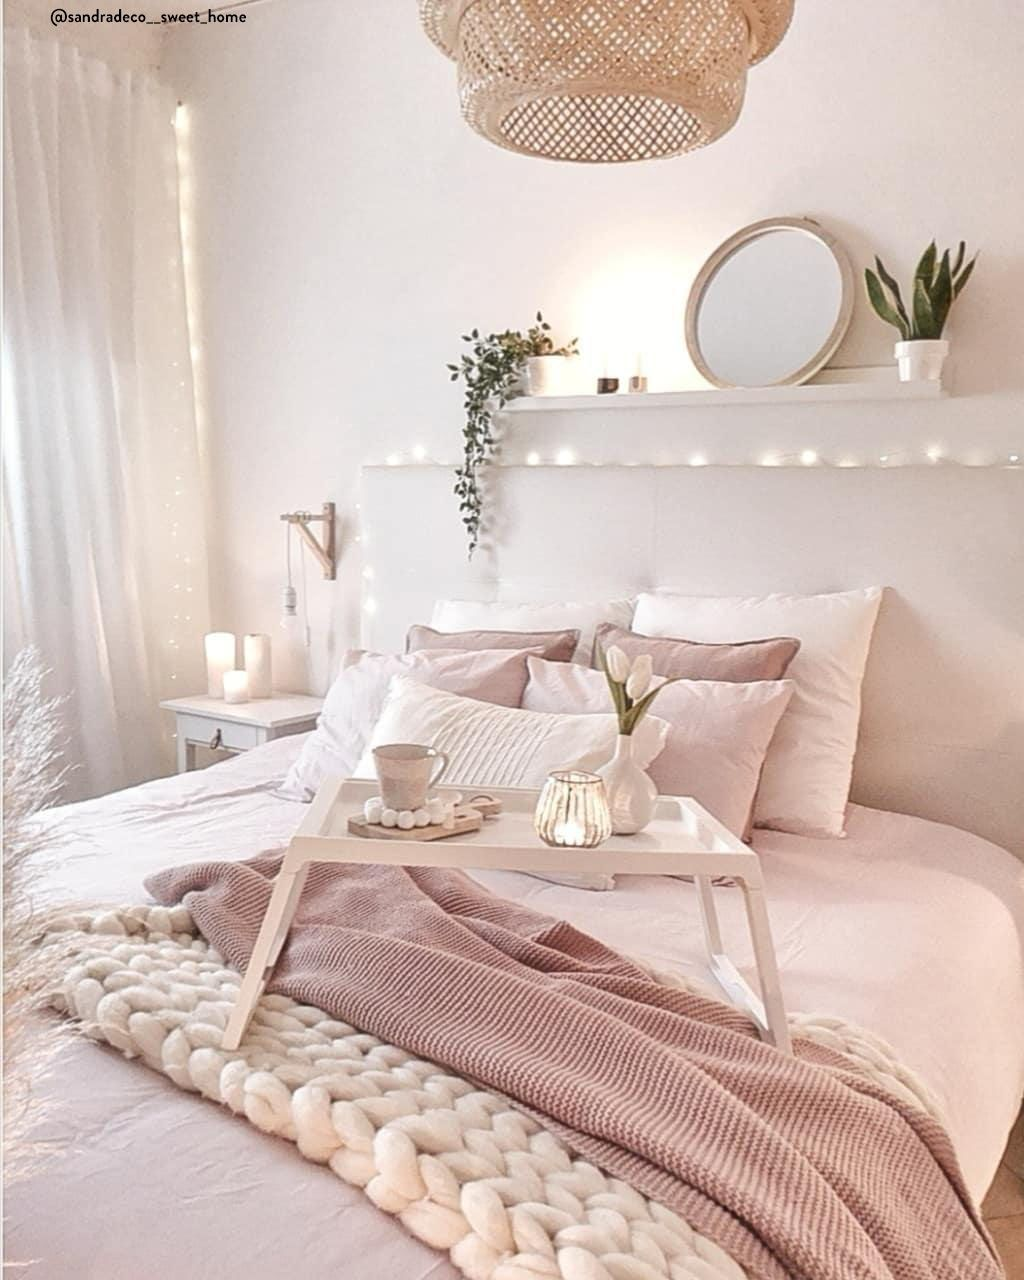 Stworz Swoja Wymarzona Sypialnie Czym Bylaby Sypialnia Bez Wygodnego Lozka Praktycznej Szafki Nocnej Pieknej Poscieli Pink Bedroom For Girls Room Cozy Room